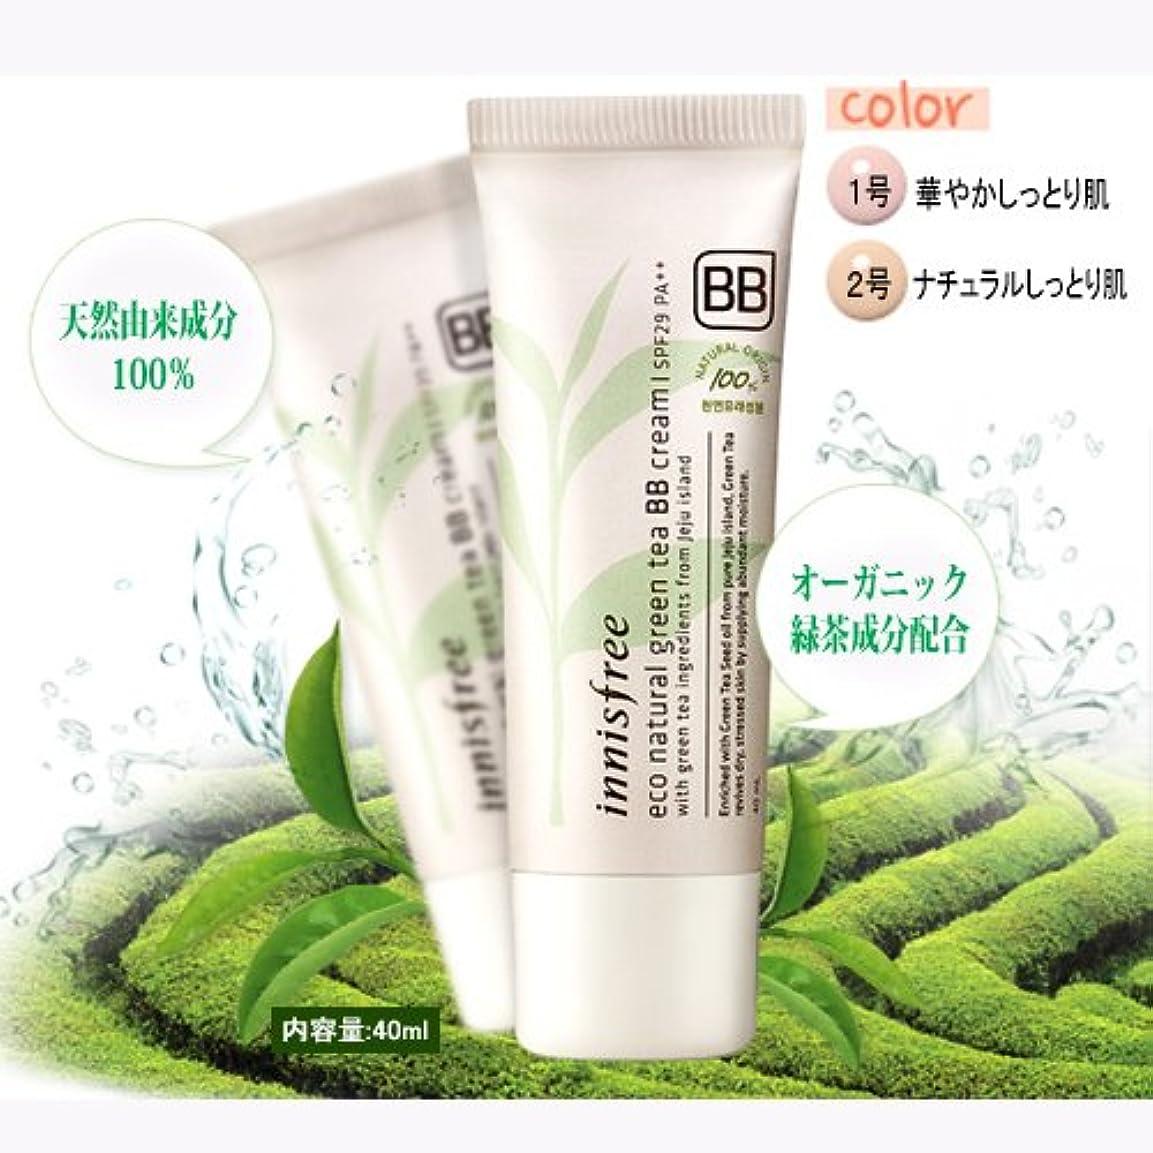 ウール南アメリカ型innisfree/イニスフリー Eco Natural Green Tea BB Cream #02/エコナチュラルグリーンティーBBクリームナチュラルなしっとりお肌 SPF29PA++40ml